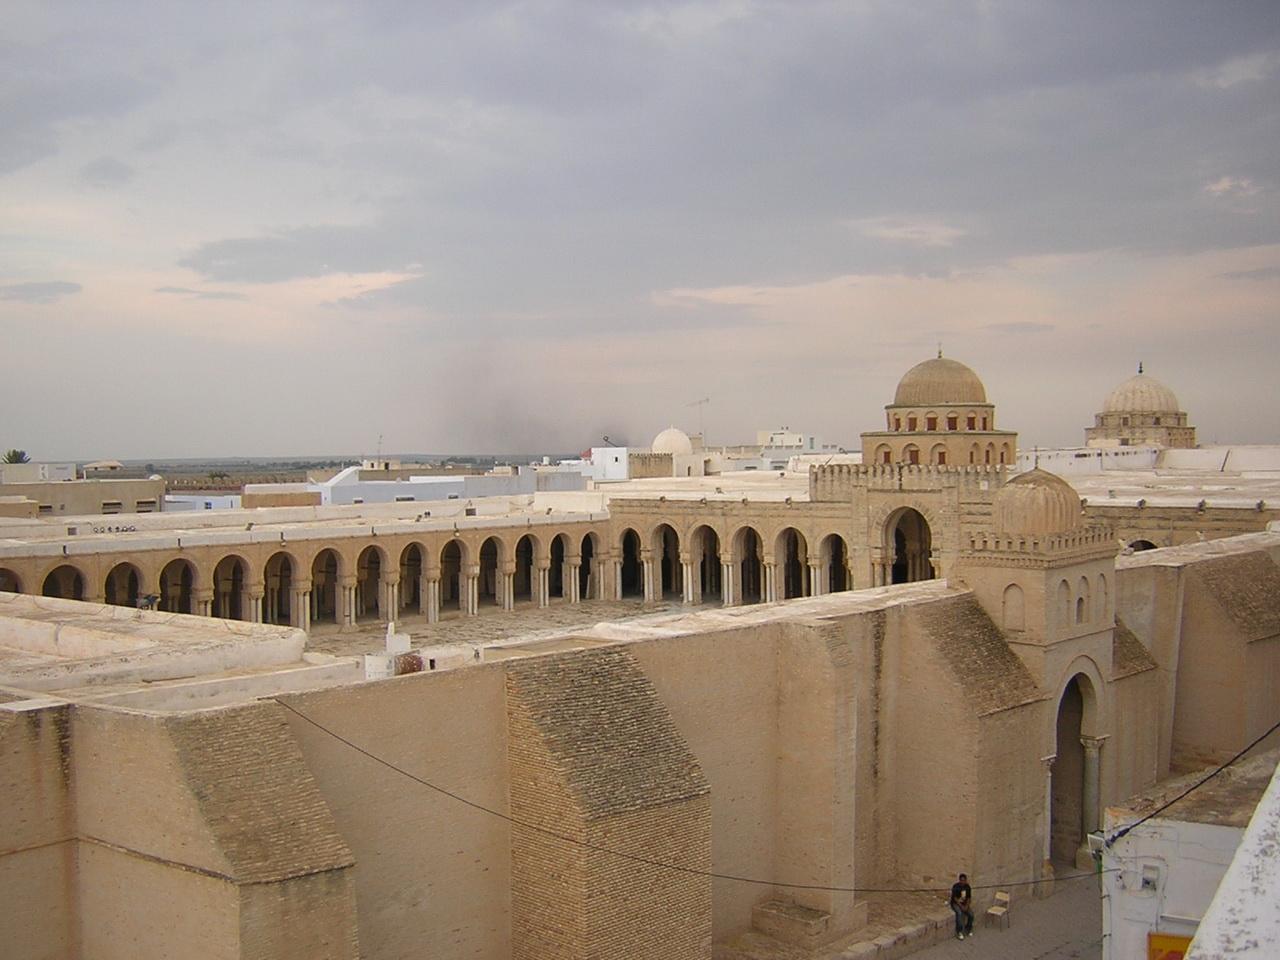 Grande Mosquee de Sidi Oqba